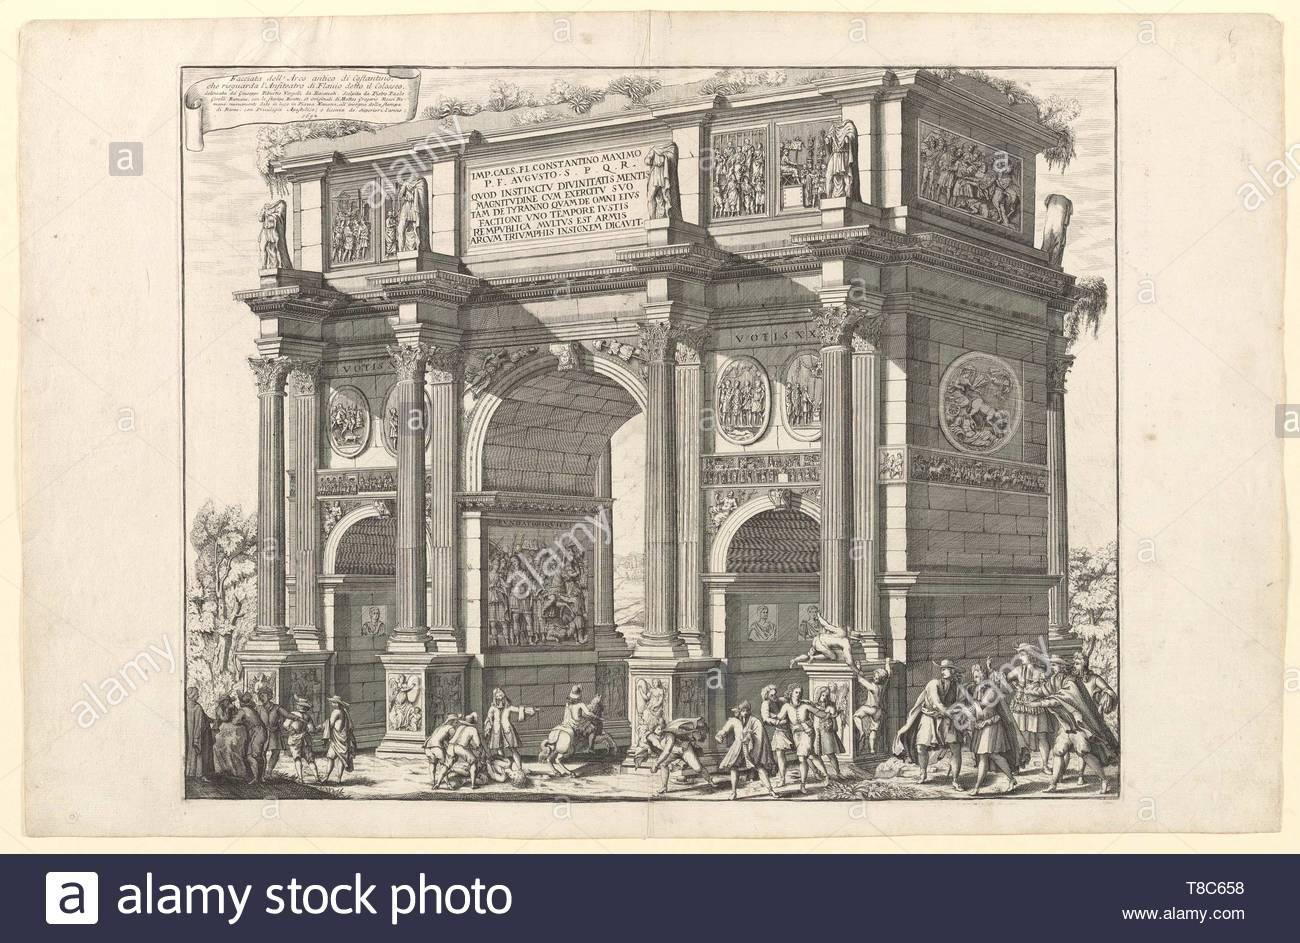 Girelli, Pietro Paolo, active 1690, printmaker.-Facciata dell'arco antico di Costantino che risguarda l'Anfiteatro di Flavio detto il Colosseo, 1692 - Stock Image